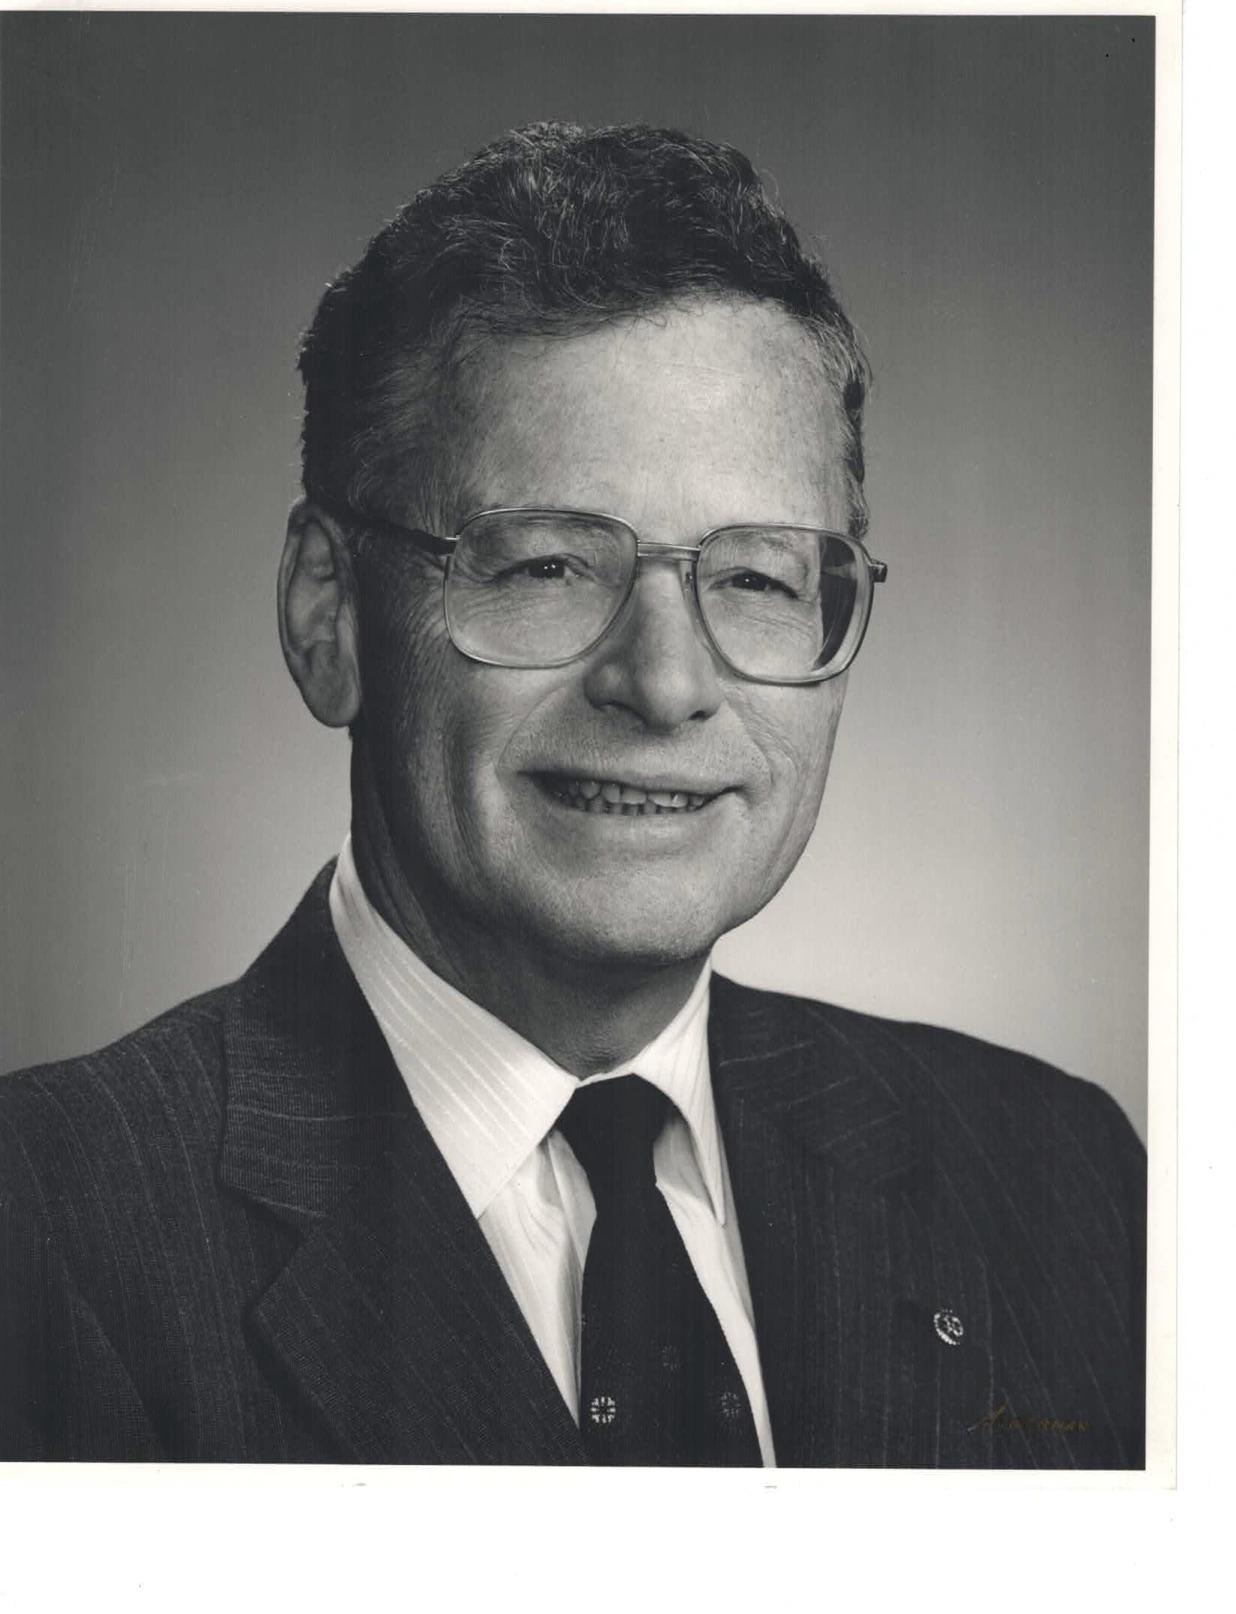 COLIN RADFORD 1995-96